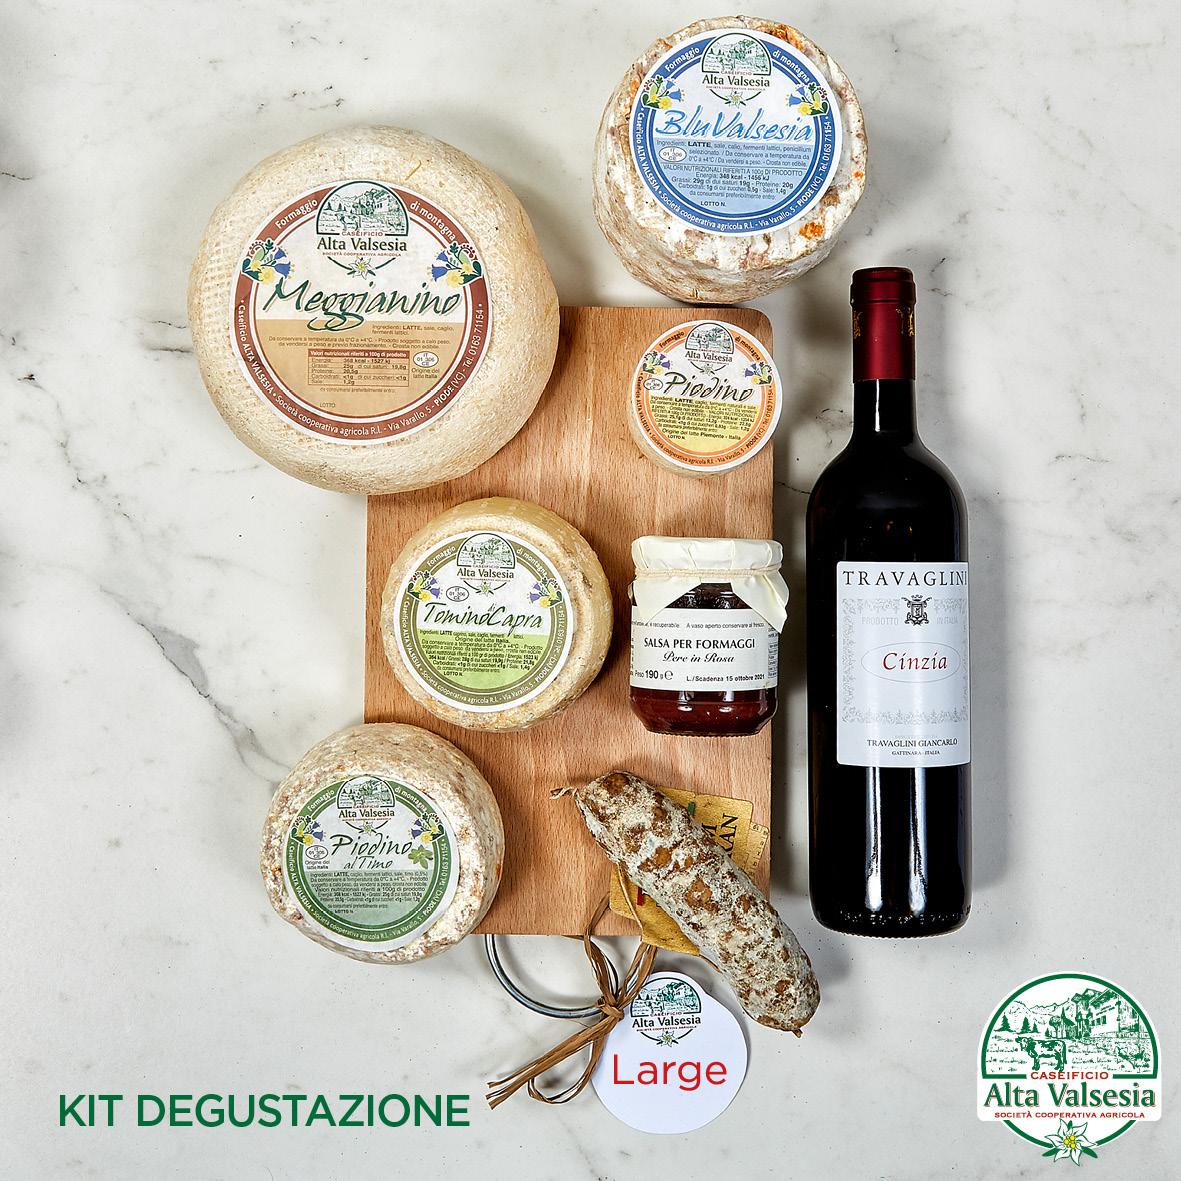 kit_degustazione_large_caseificio_alta_valsesia